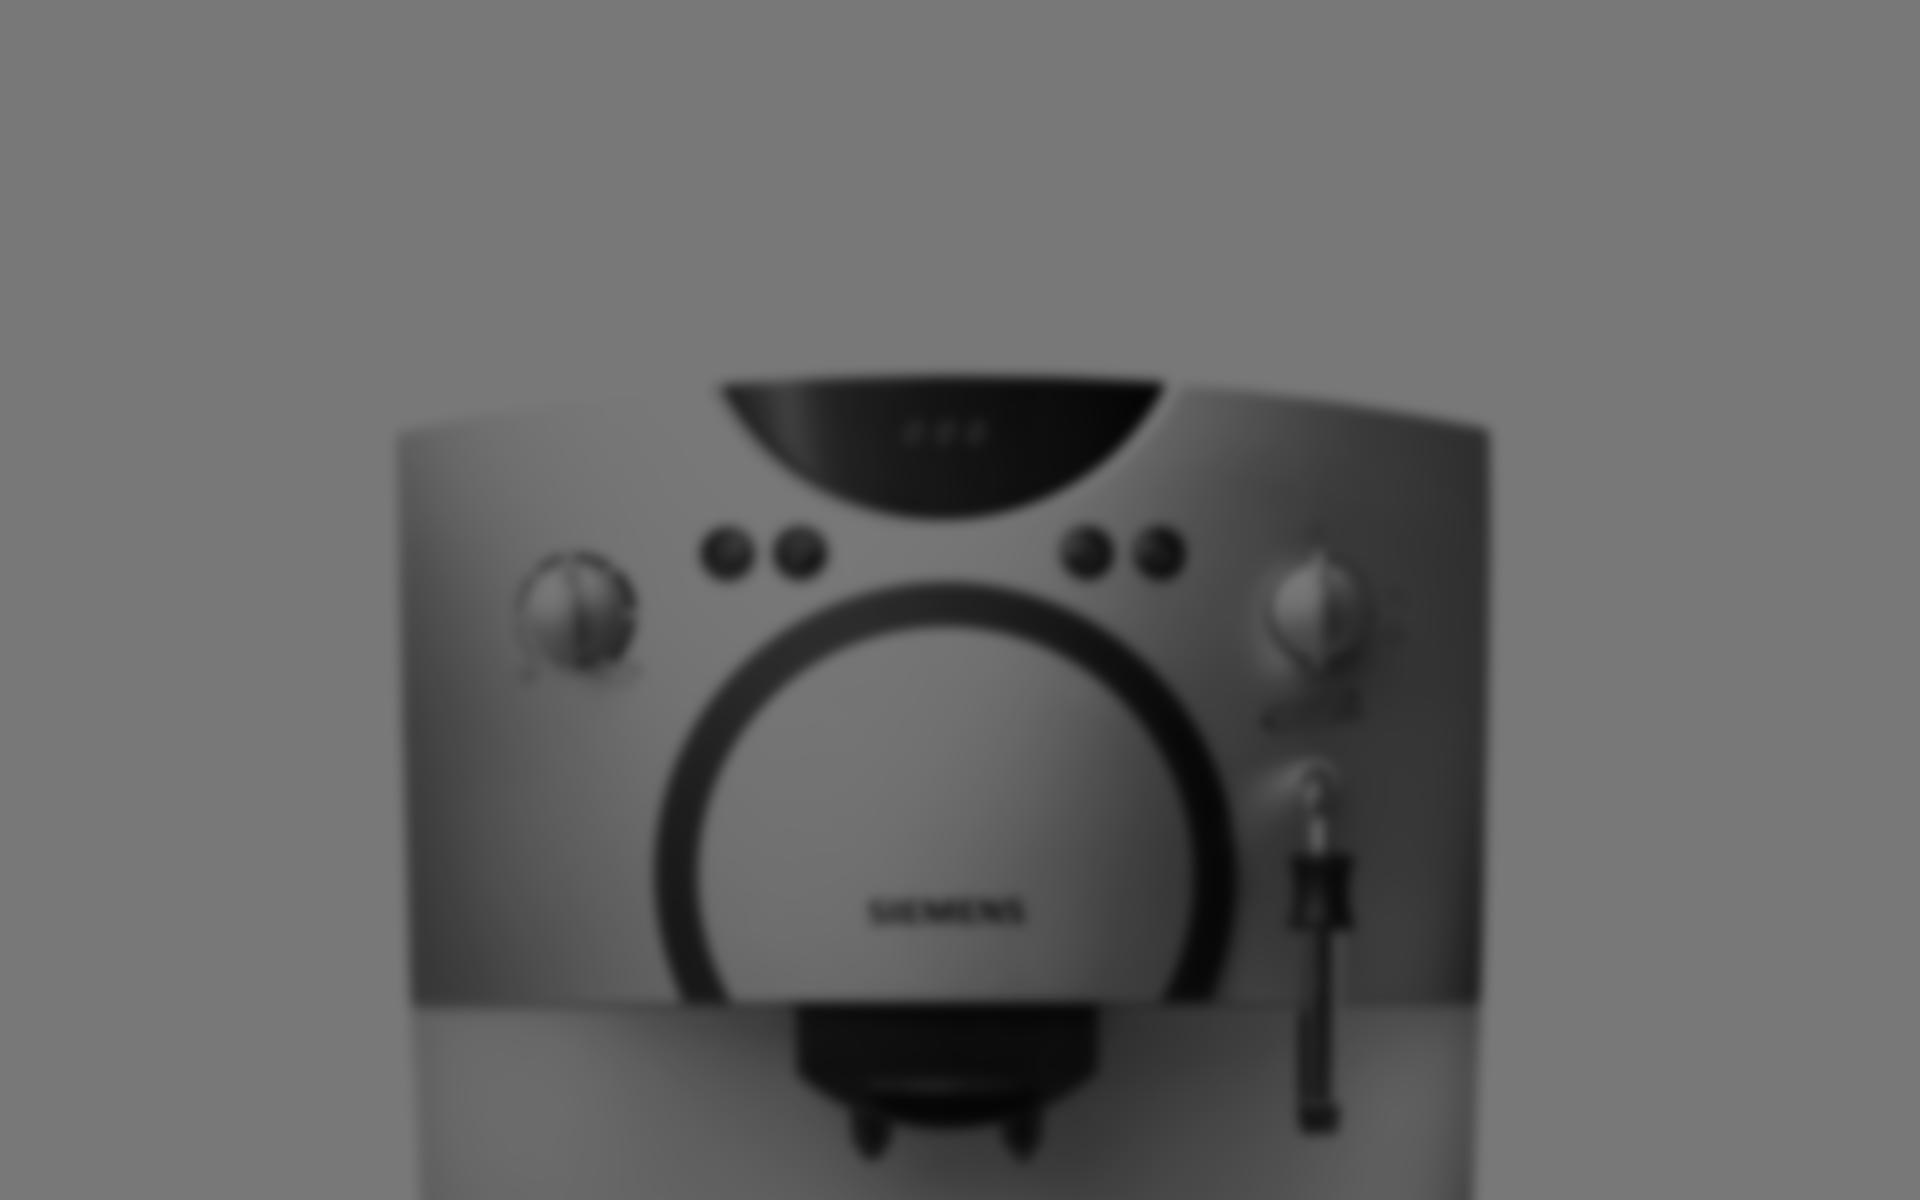 Produktdesign Espresso Vollautomat TK5 Siemens TCA 5 Bosch für Bosch Siemens Hausgeräte